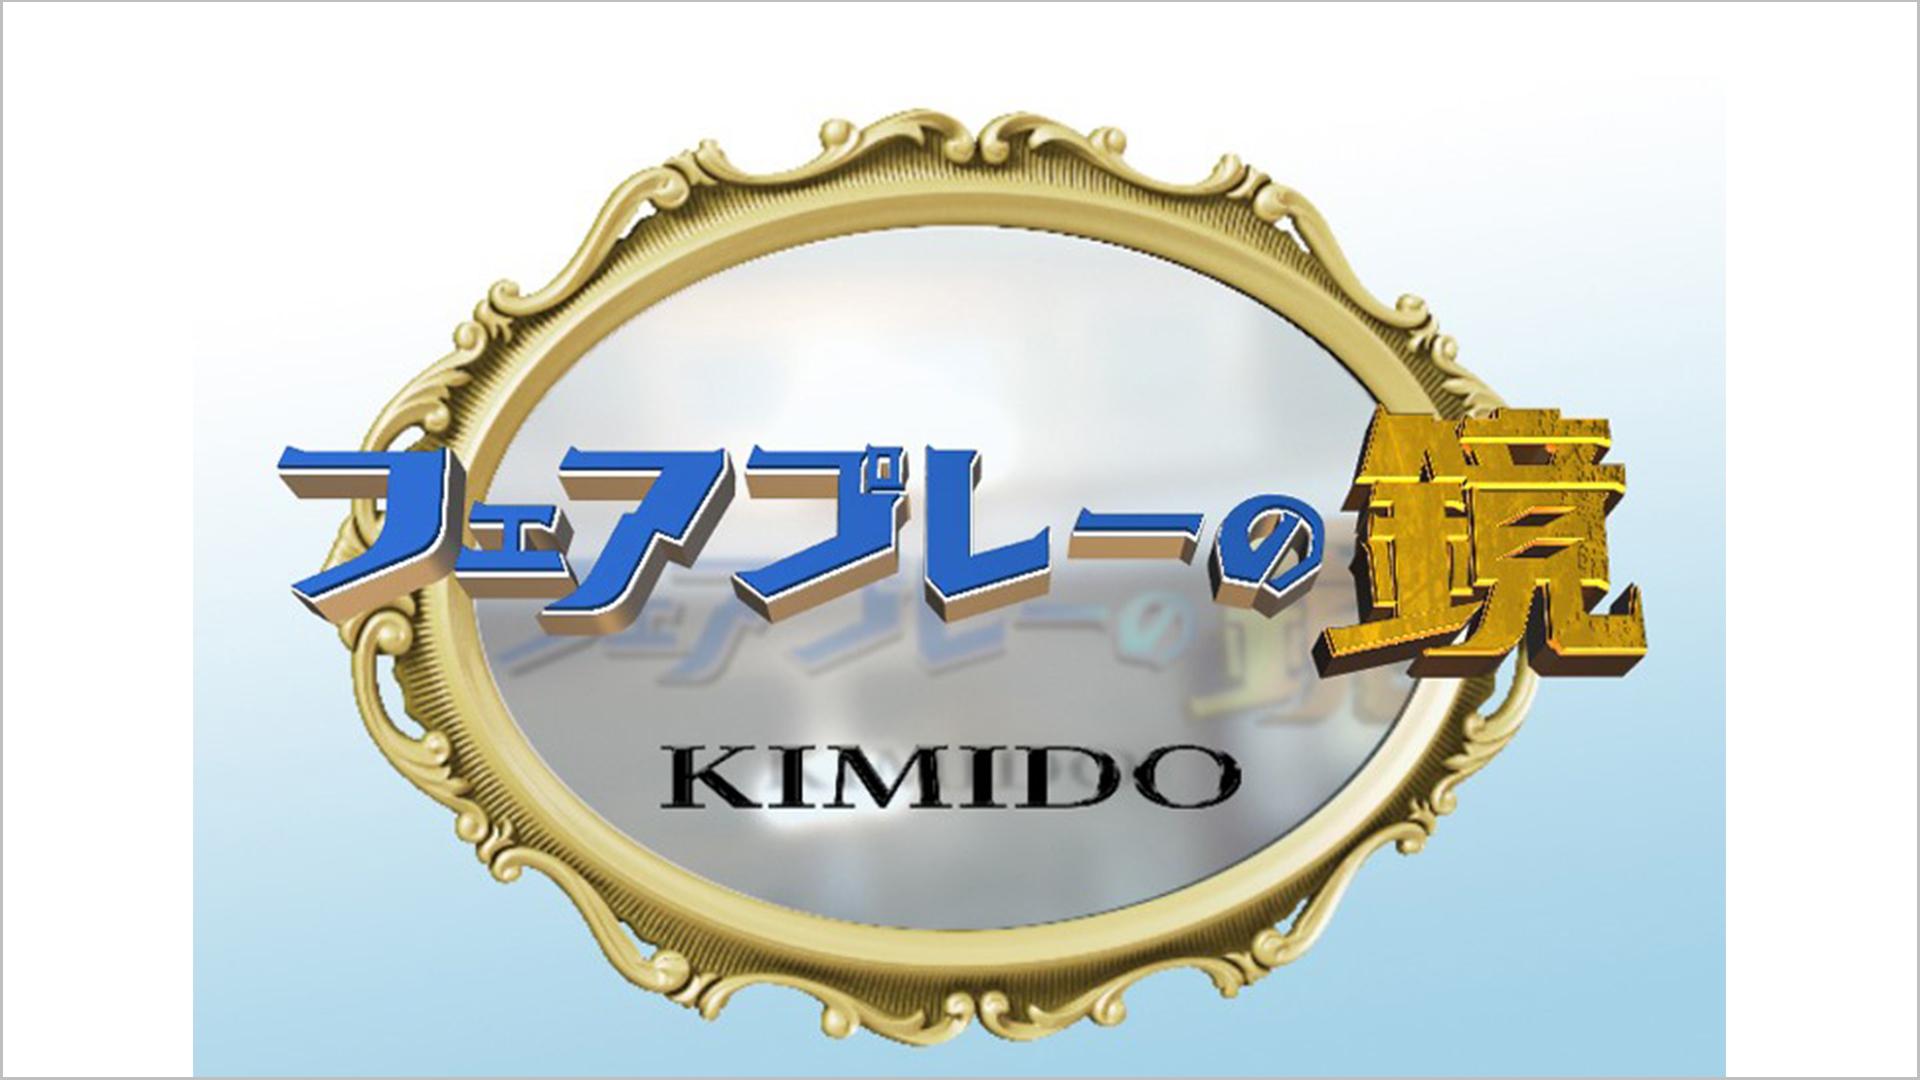 フェアプレーの鏡 〜KIMIDO?〜 #1 仁義なき戦い